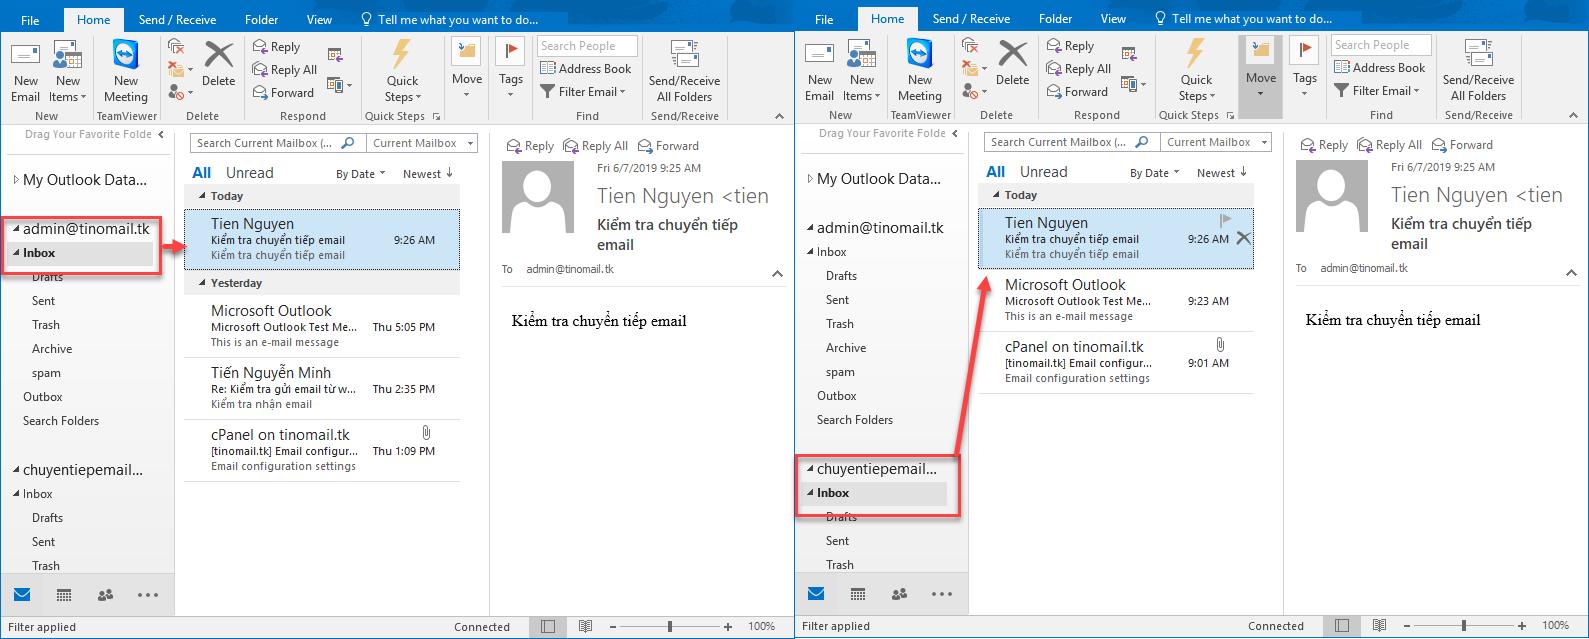 Hướng dẫn sử dụng chức năng Forwarders (Chuyển tiếp) trên Email Hosting 8